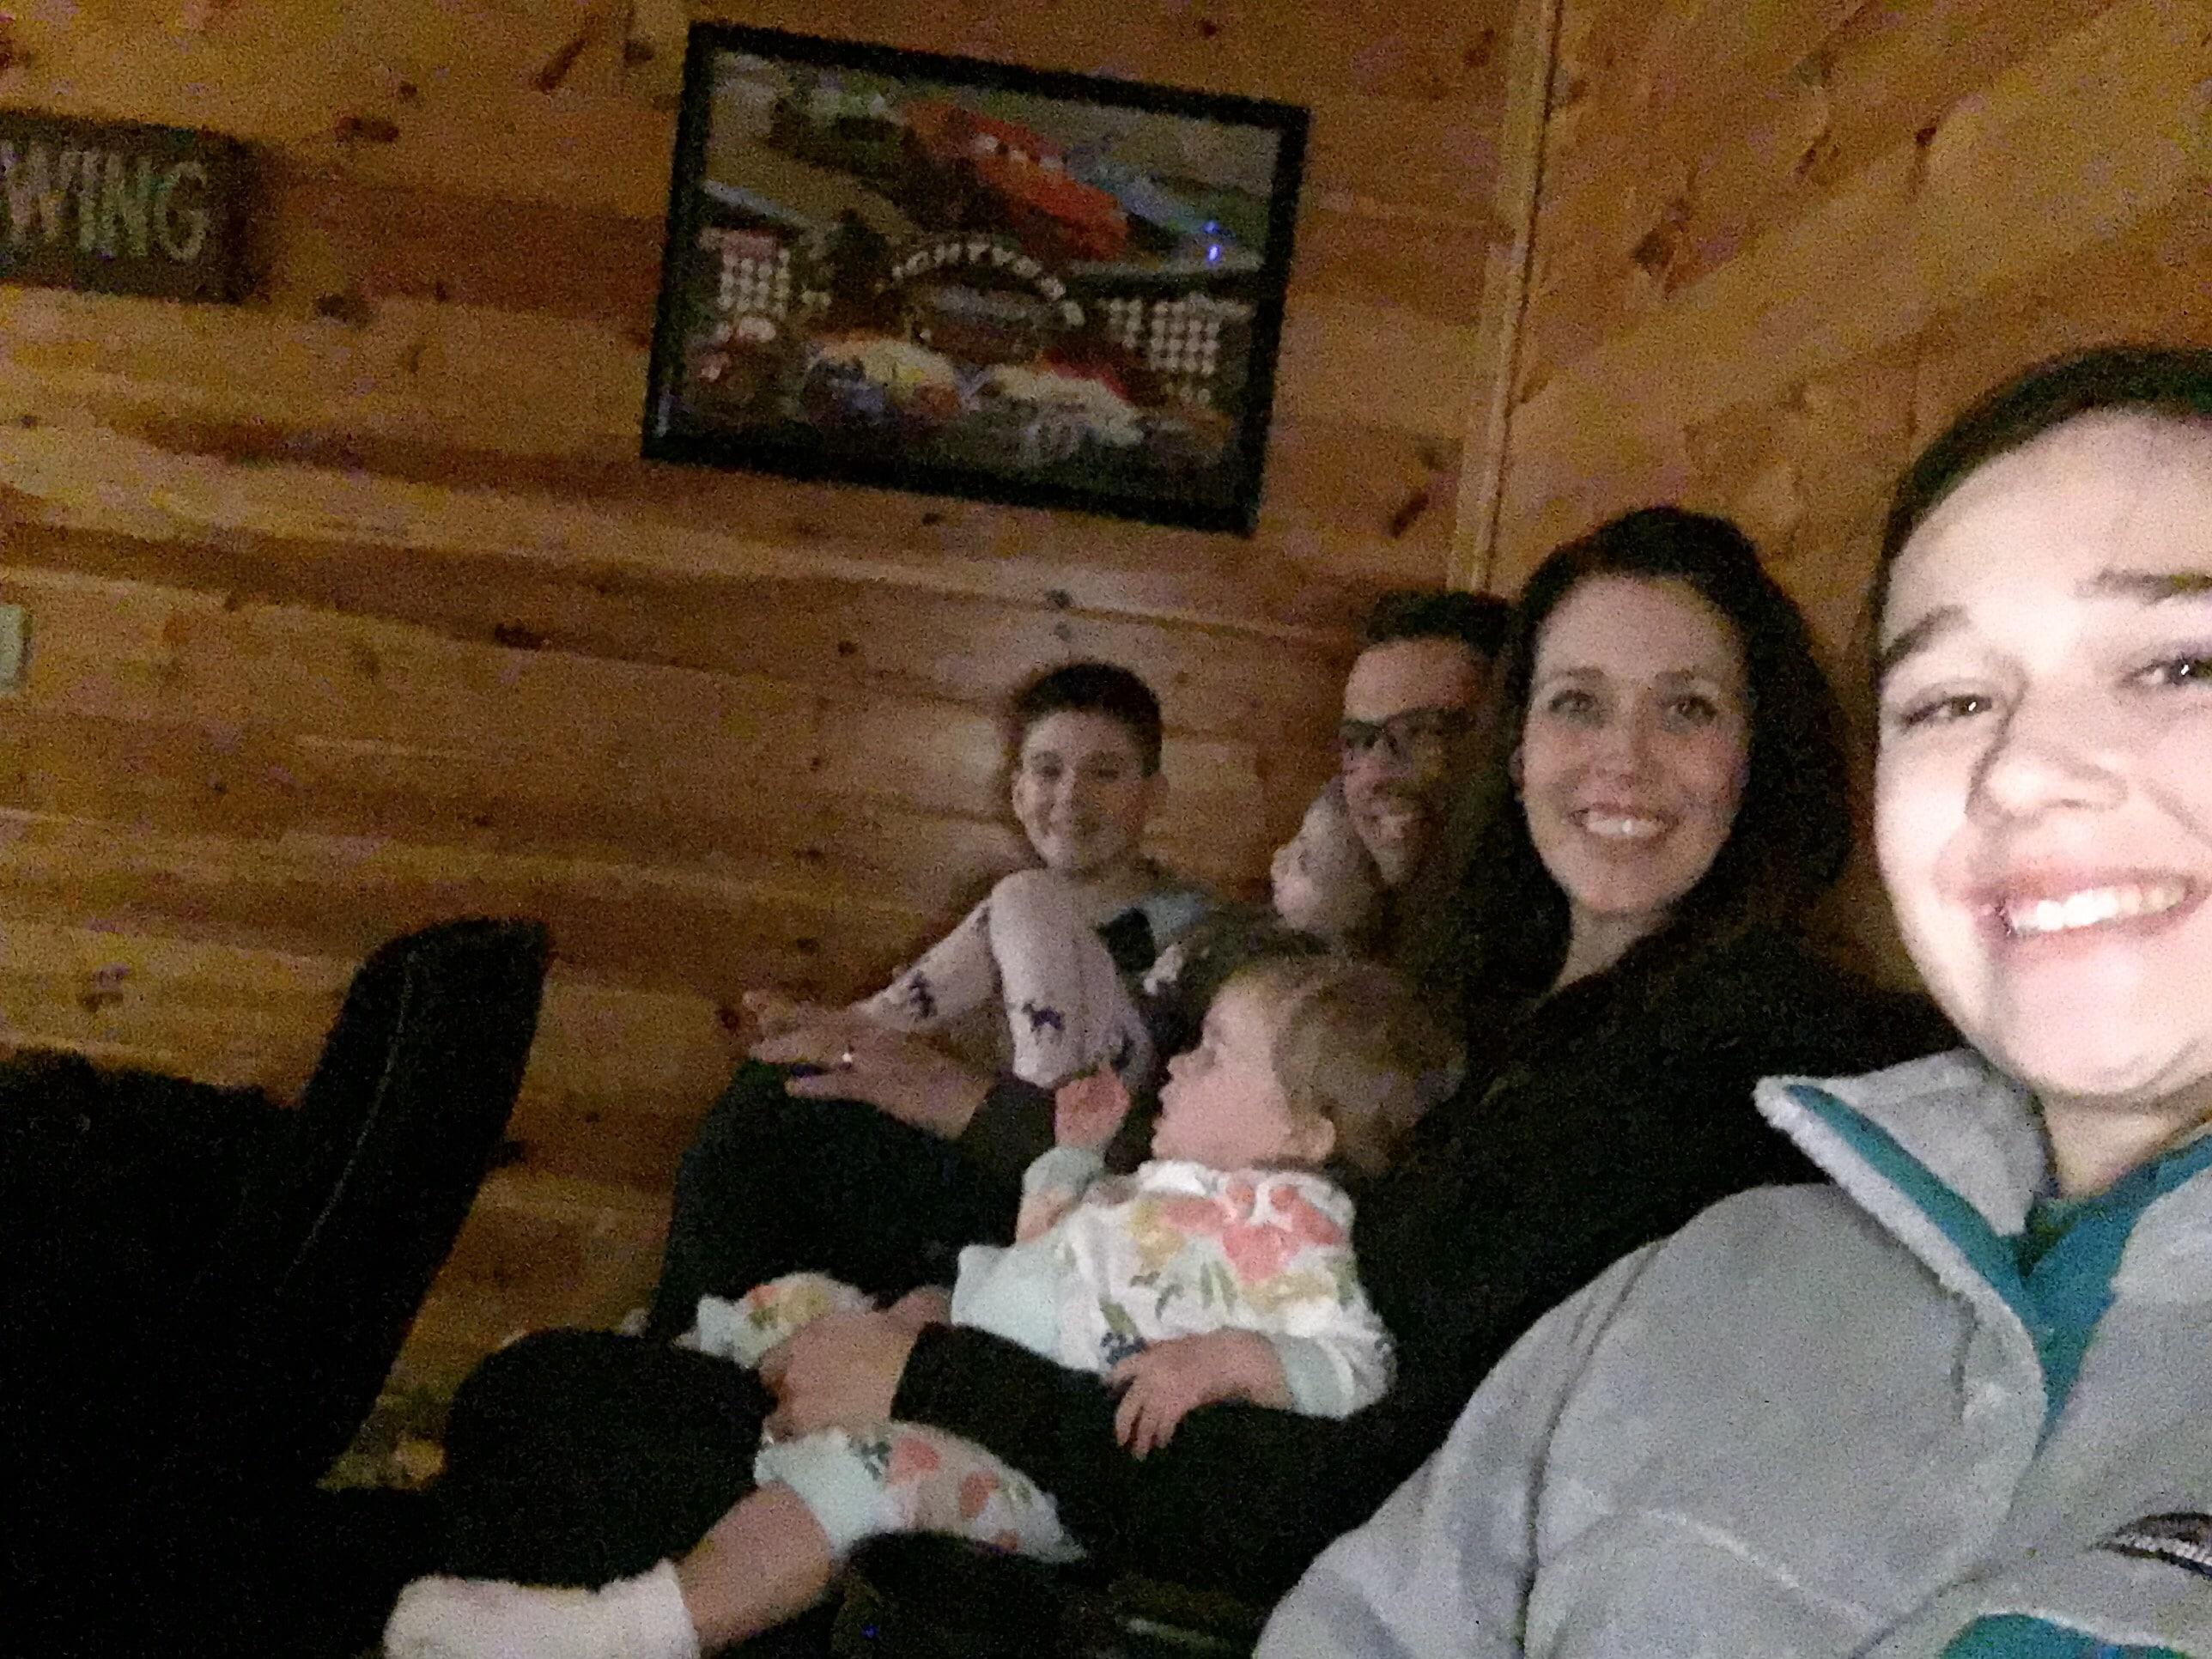 family in media room a cabin in Gatlinburg